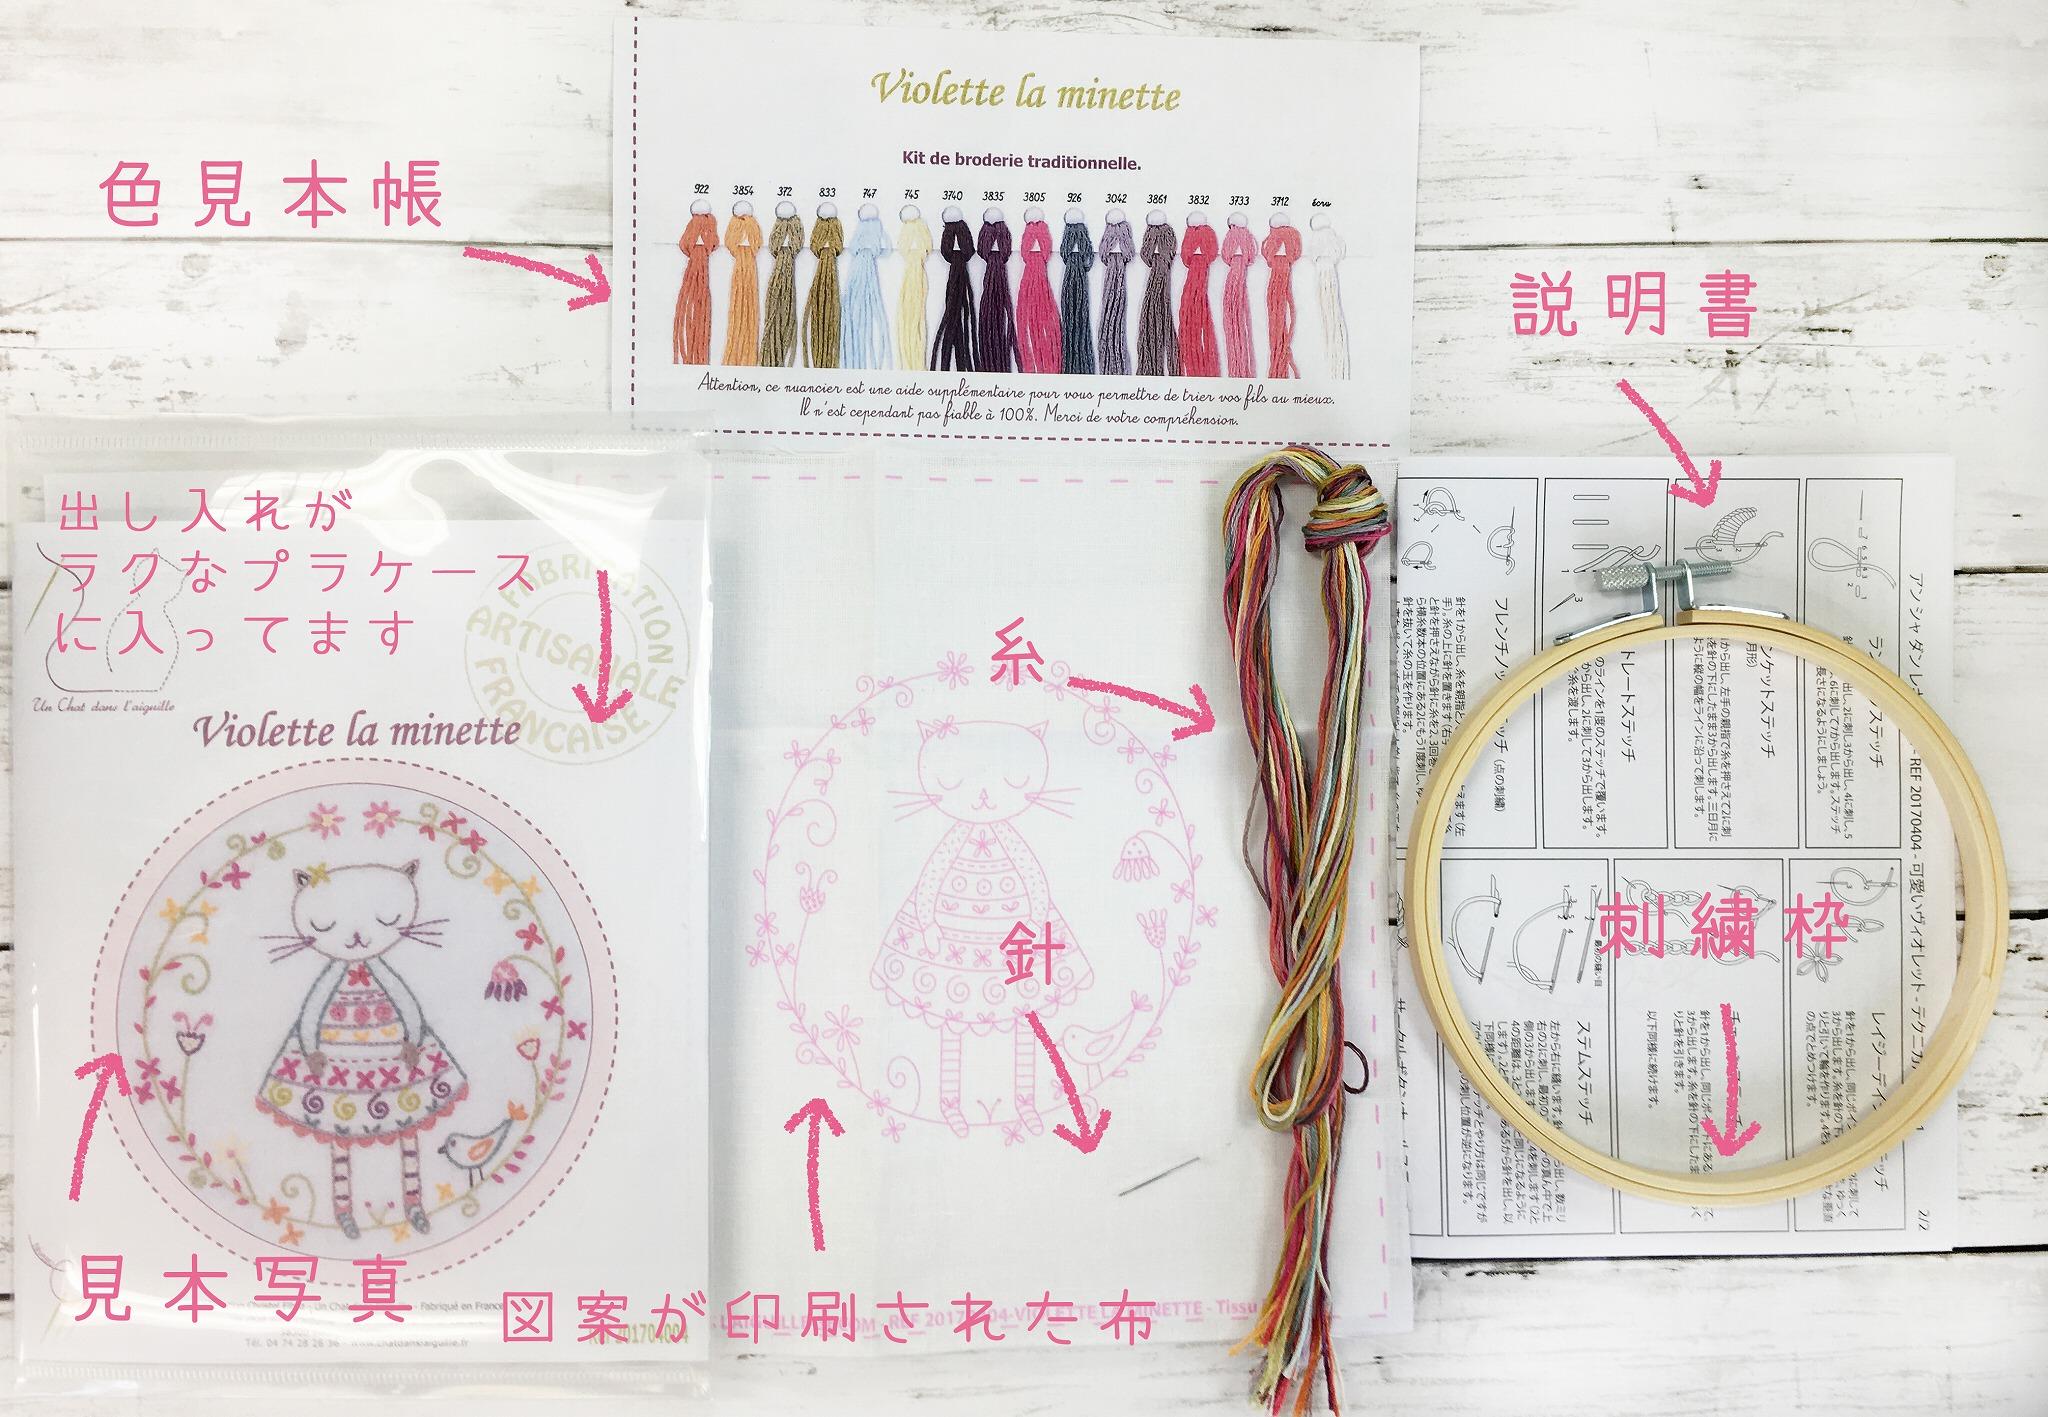 刺繍キットの内容